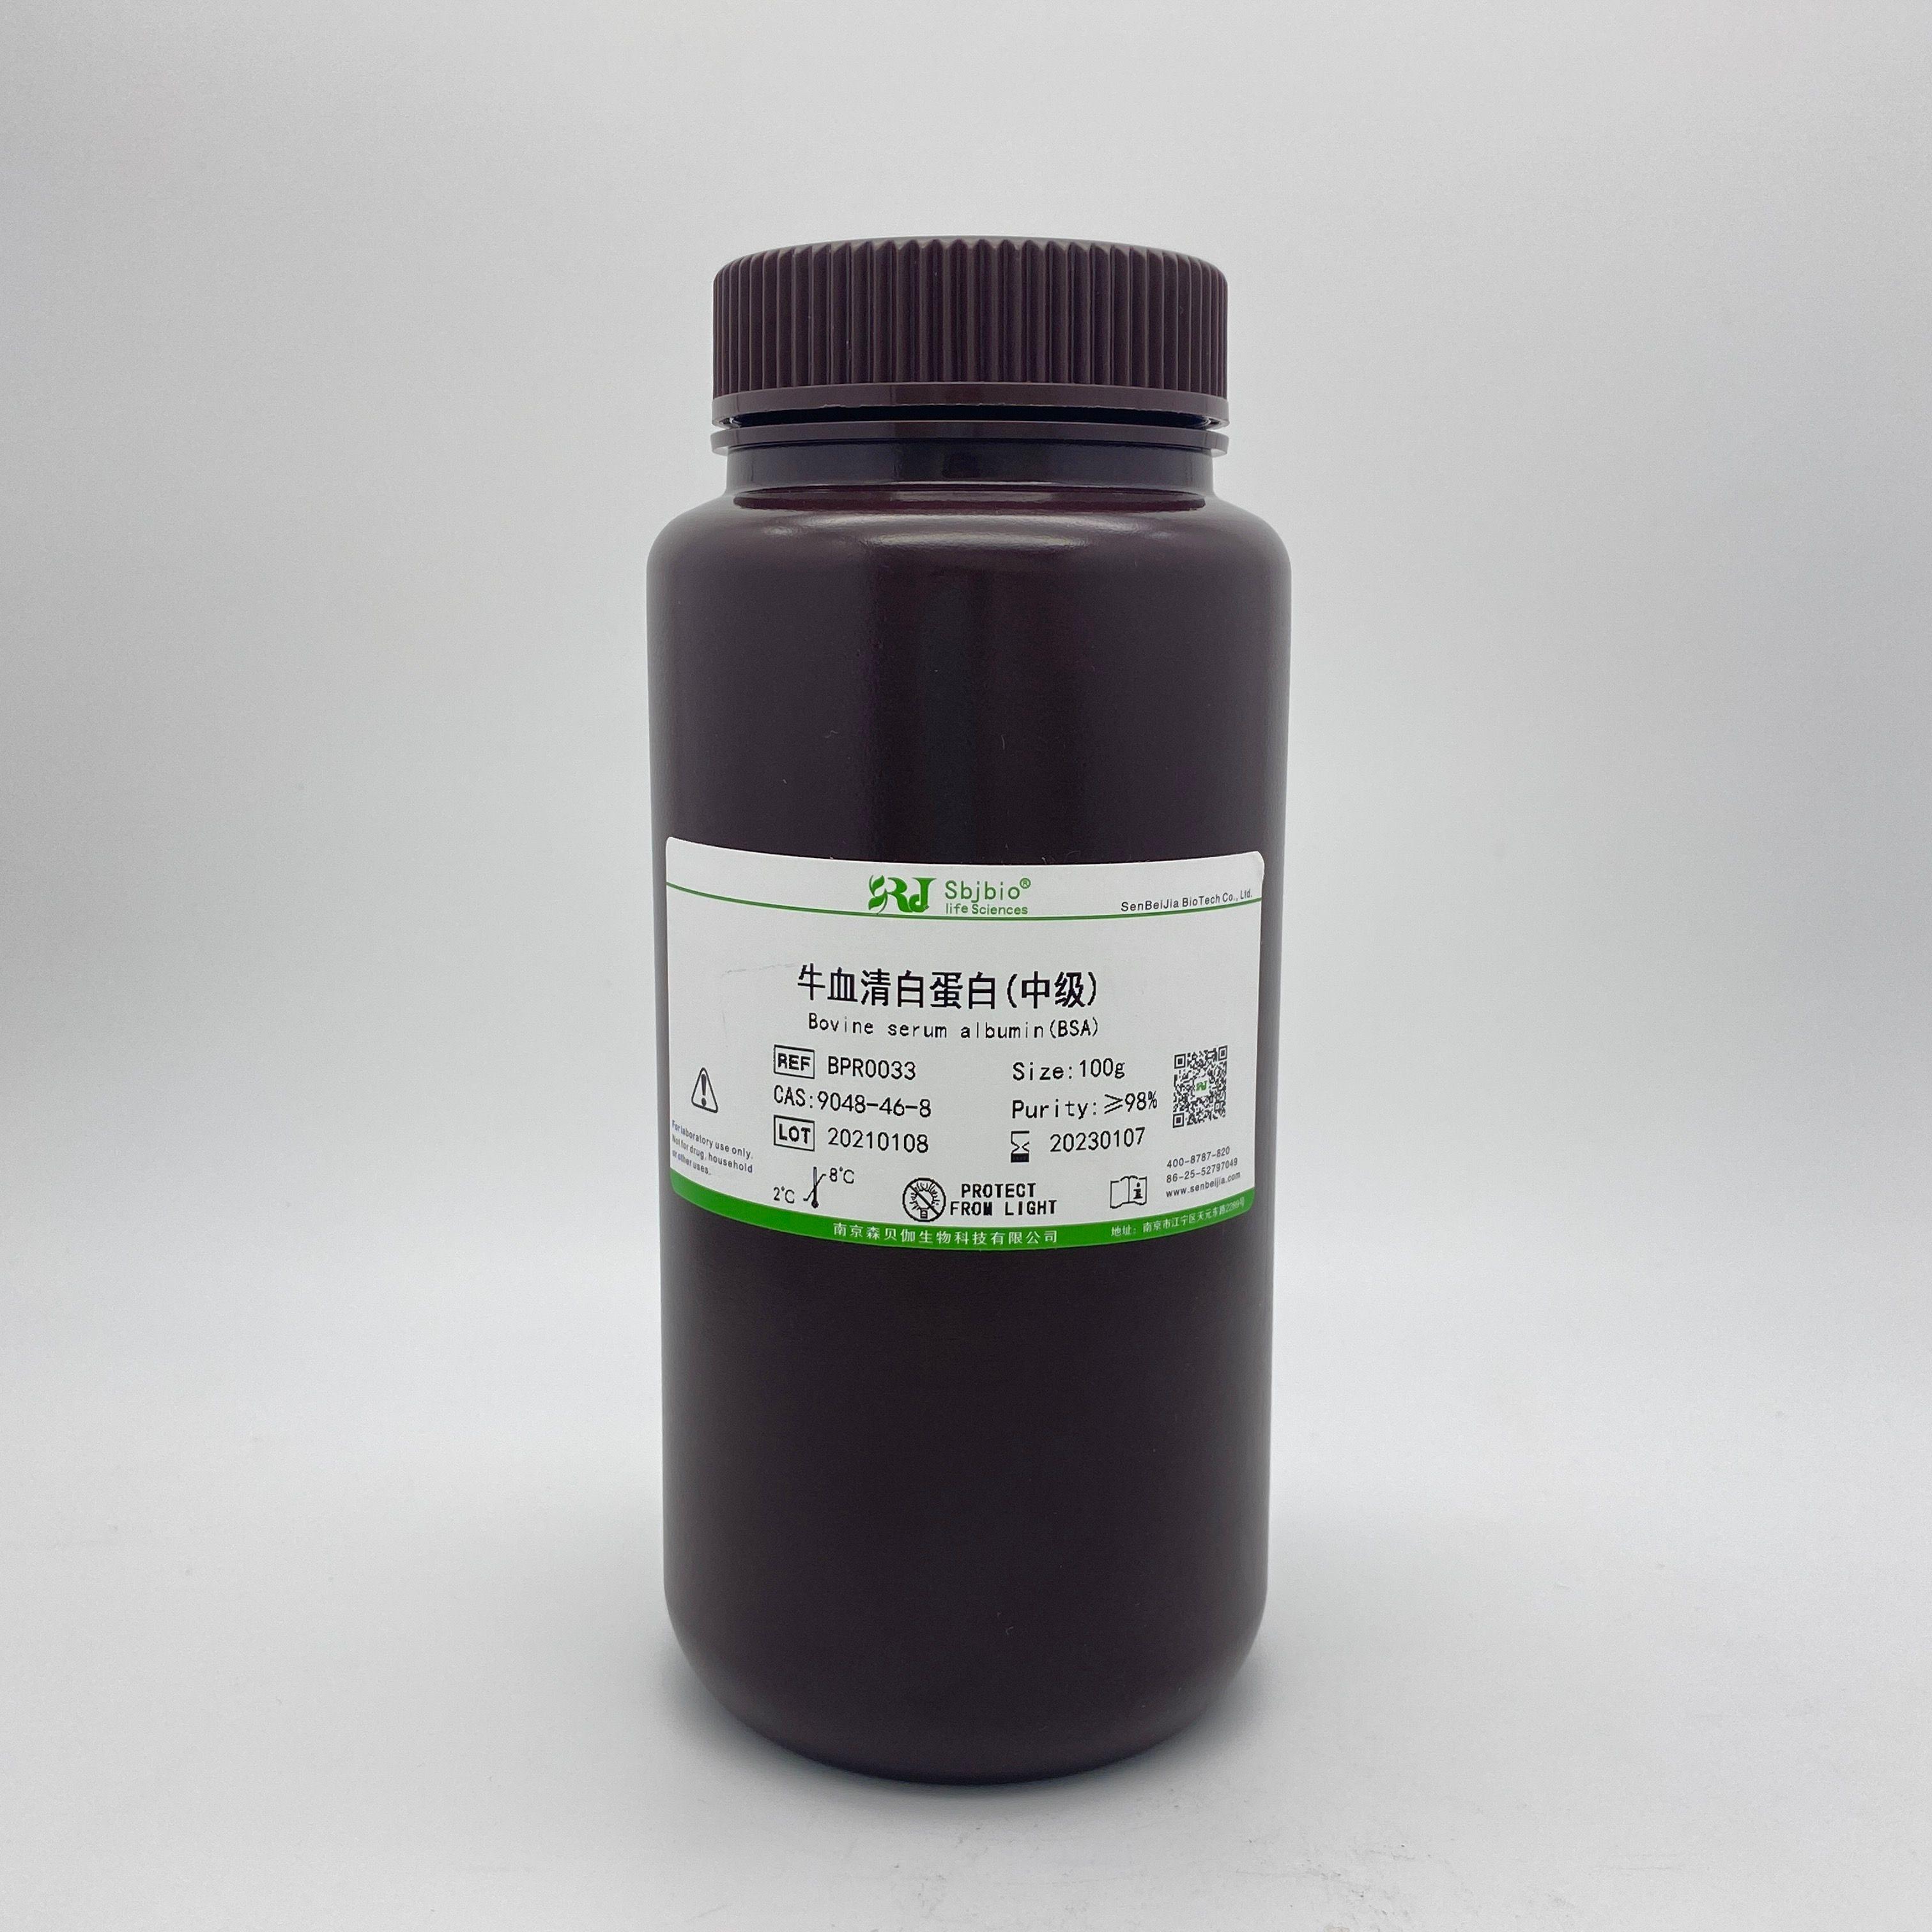 牛血清白蛋白(中级)